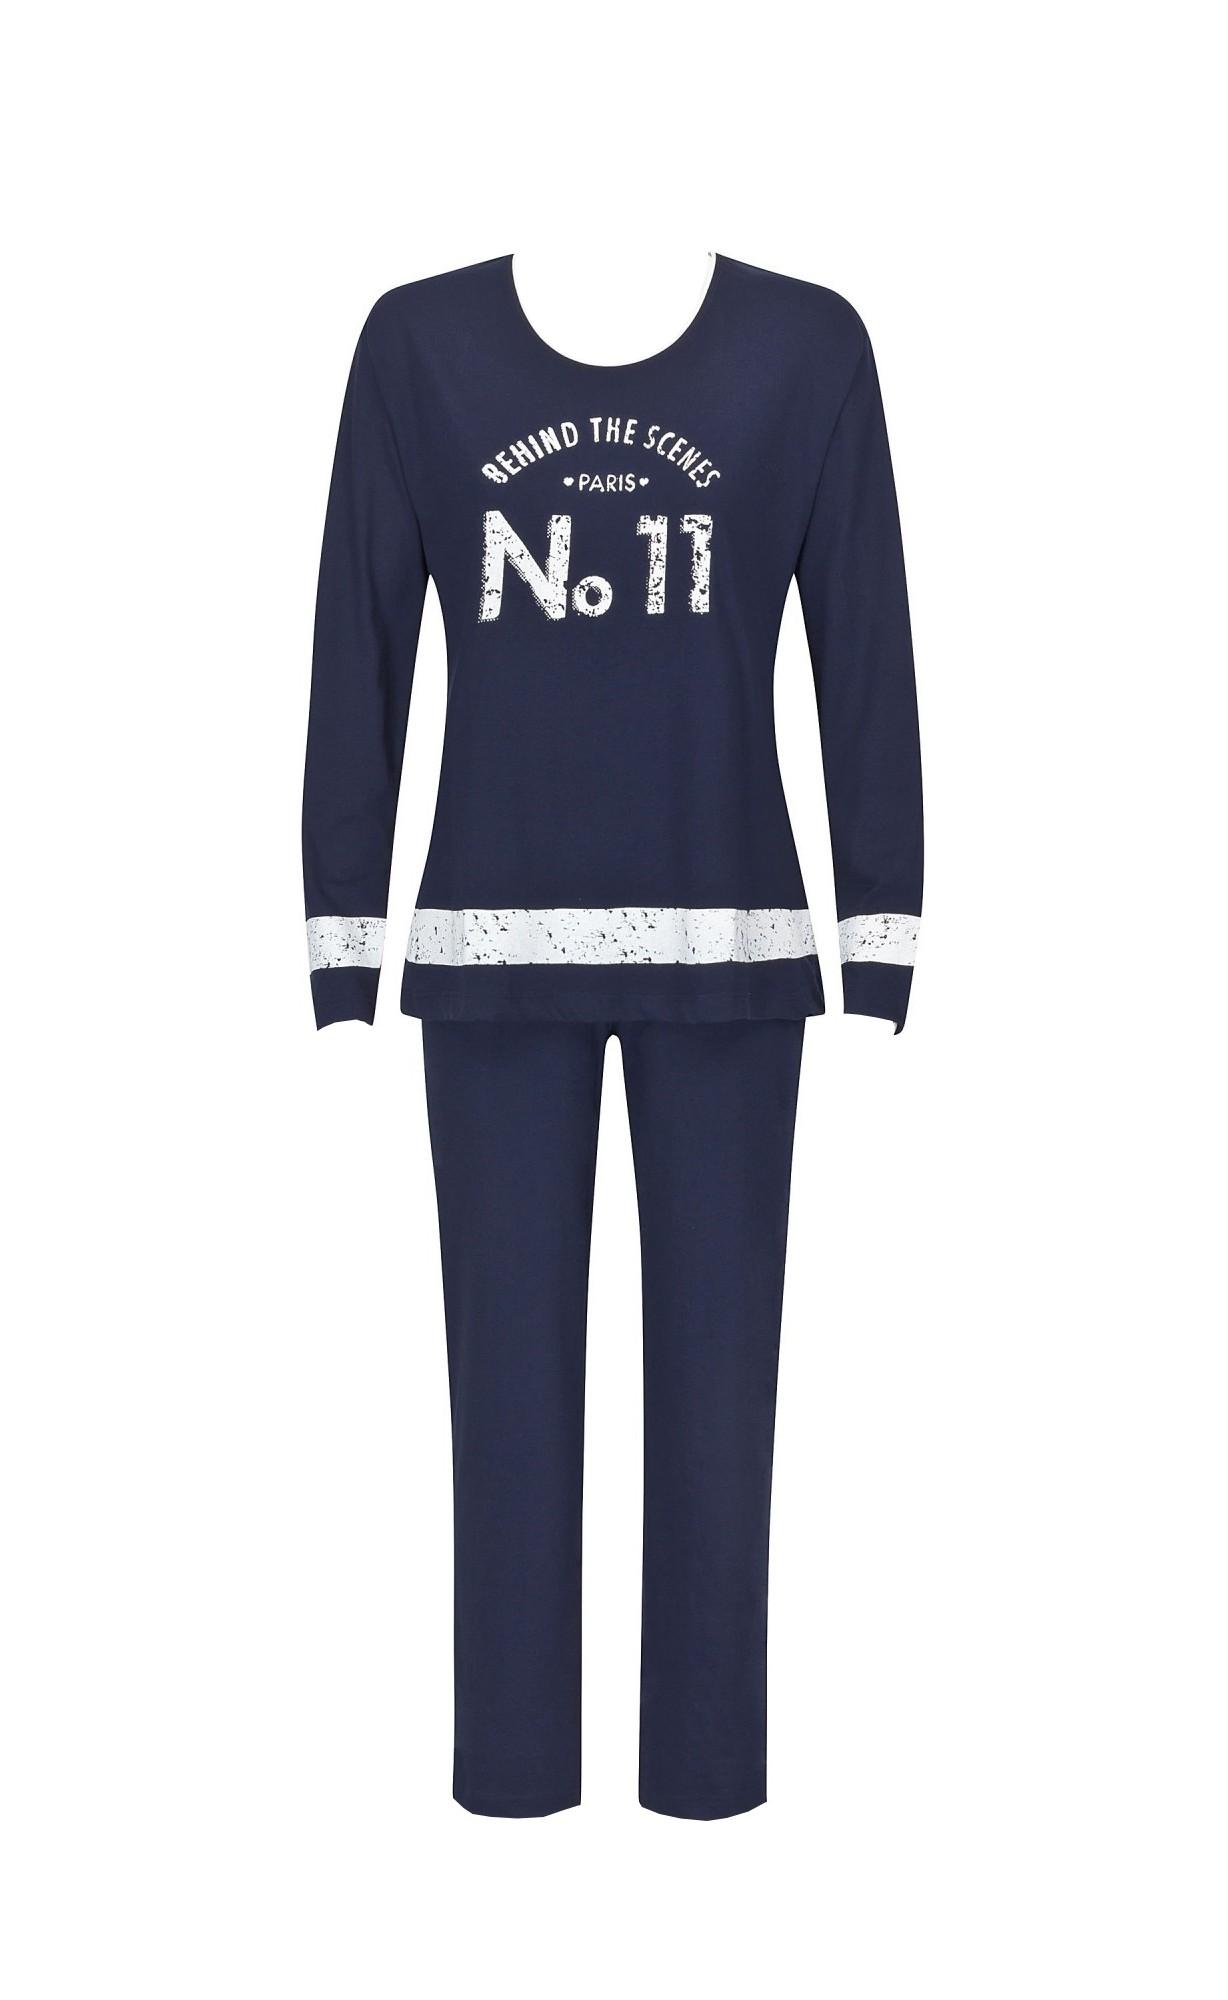 Edler  Damen Pyjama Schlafanzug mit modischen Frontprint 58698 – Bild 2